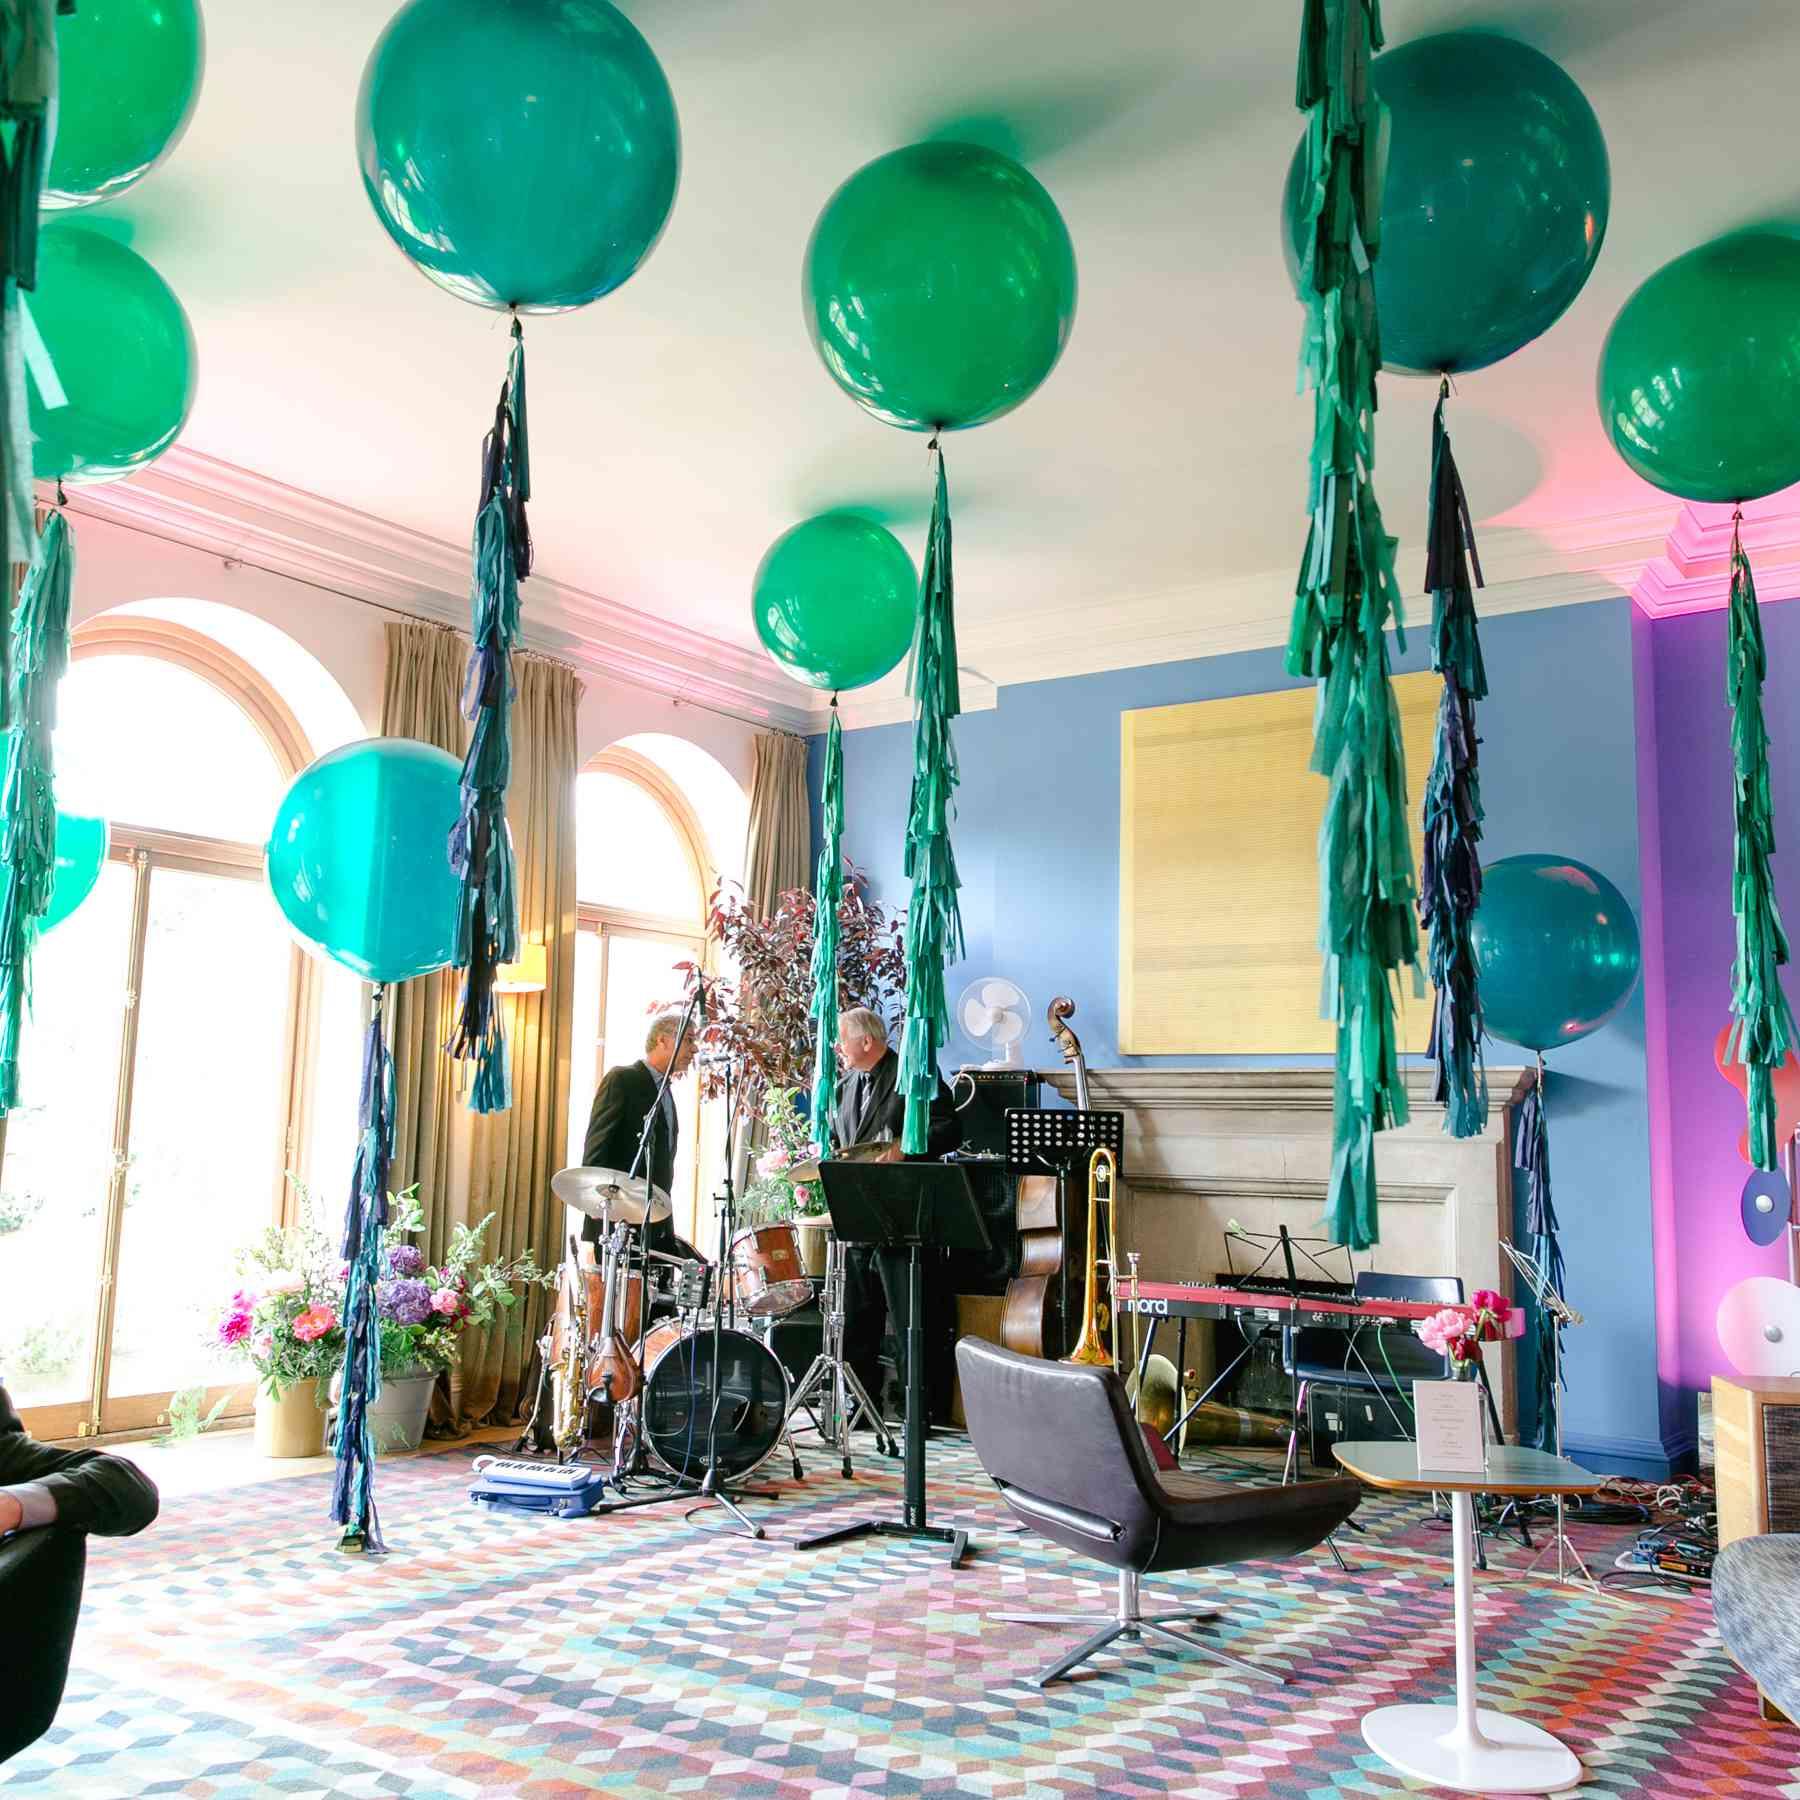 Balloons at Reception